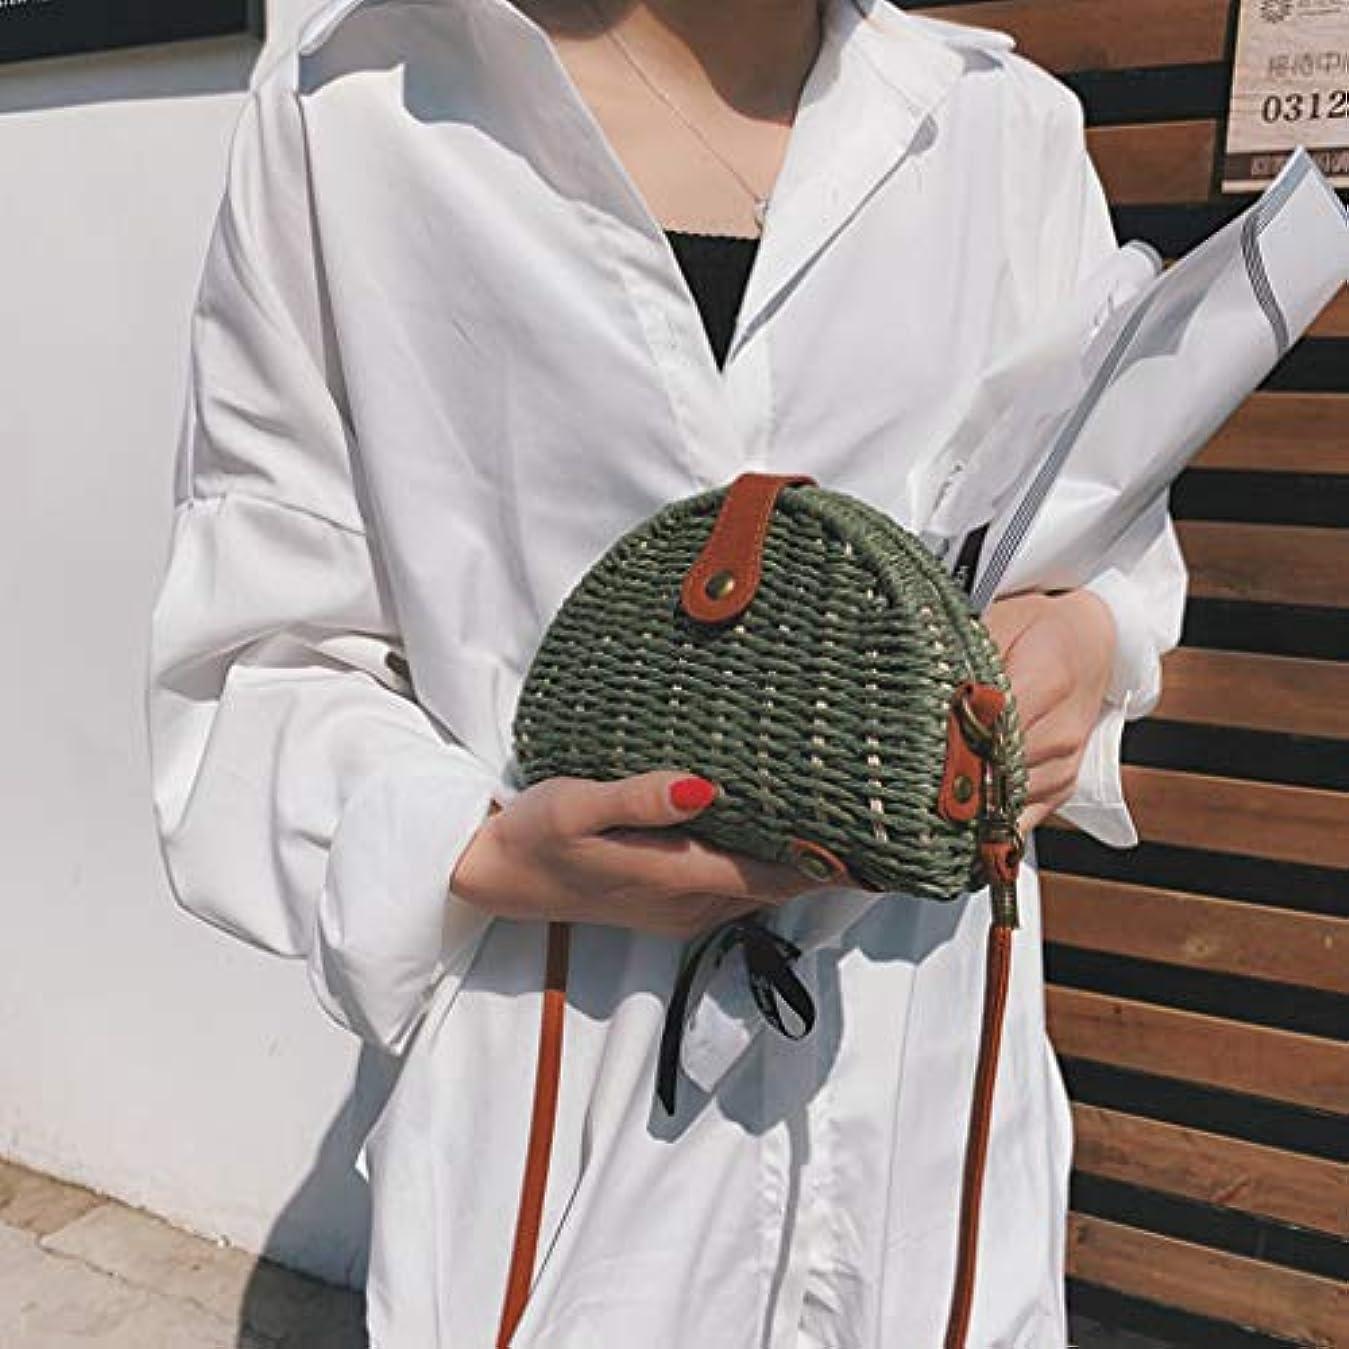 スカート正義名誉ある女性ミニ織りビーチショルダーバッグレディースボヘミアンスタイルレジャーハンドバッグ、女性のミニ織クロスボディバッグ、レディースミニファッションビーチスタイルクロスボディバッグ (緑)